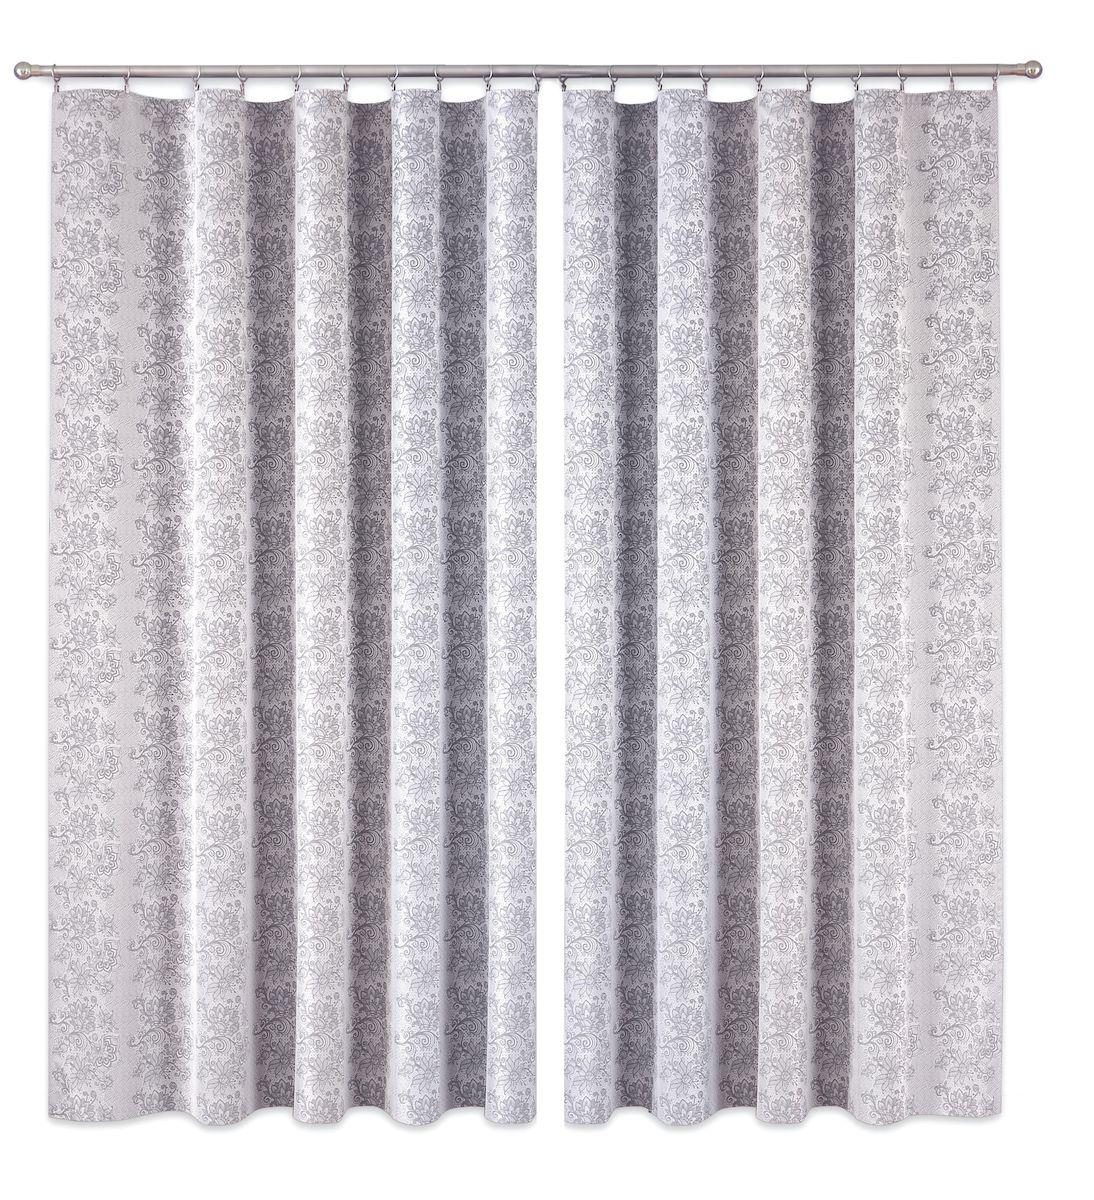 Комплект штор P Primavera Firany, цвет: серый, высота 260 см. 11100161110016Комплект шториз полиэстровой жаккардовой ткани с пришитой шторнойлентой. Размер - ширина 180 см высота 260см. Набор 2 штуки. Цвет серый.Размер: ширина 180 х высота 260